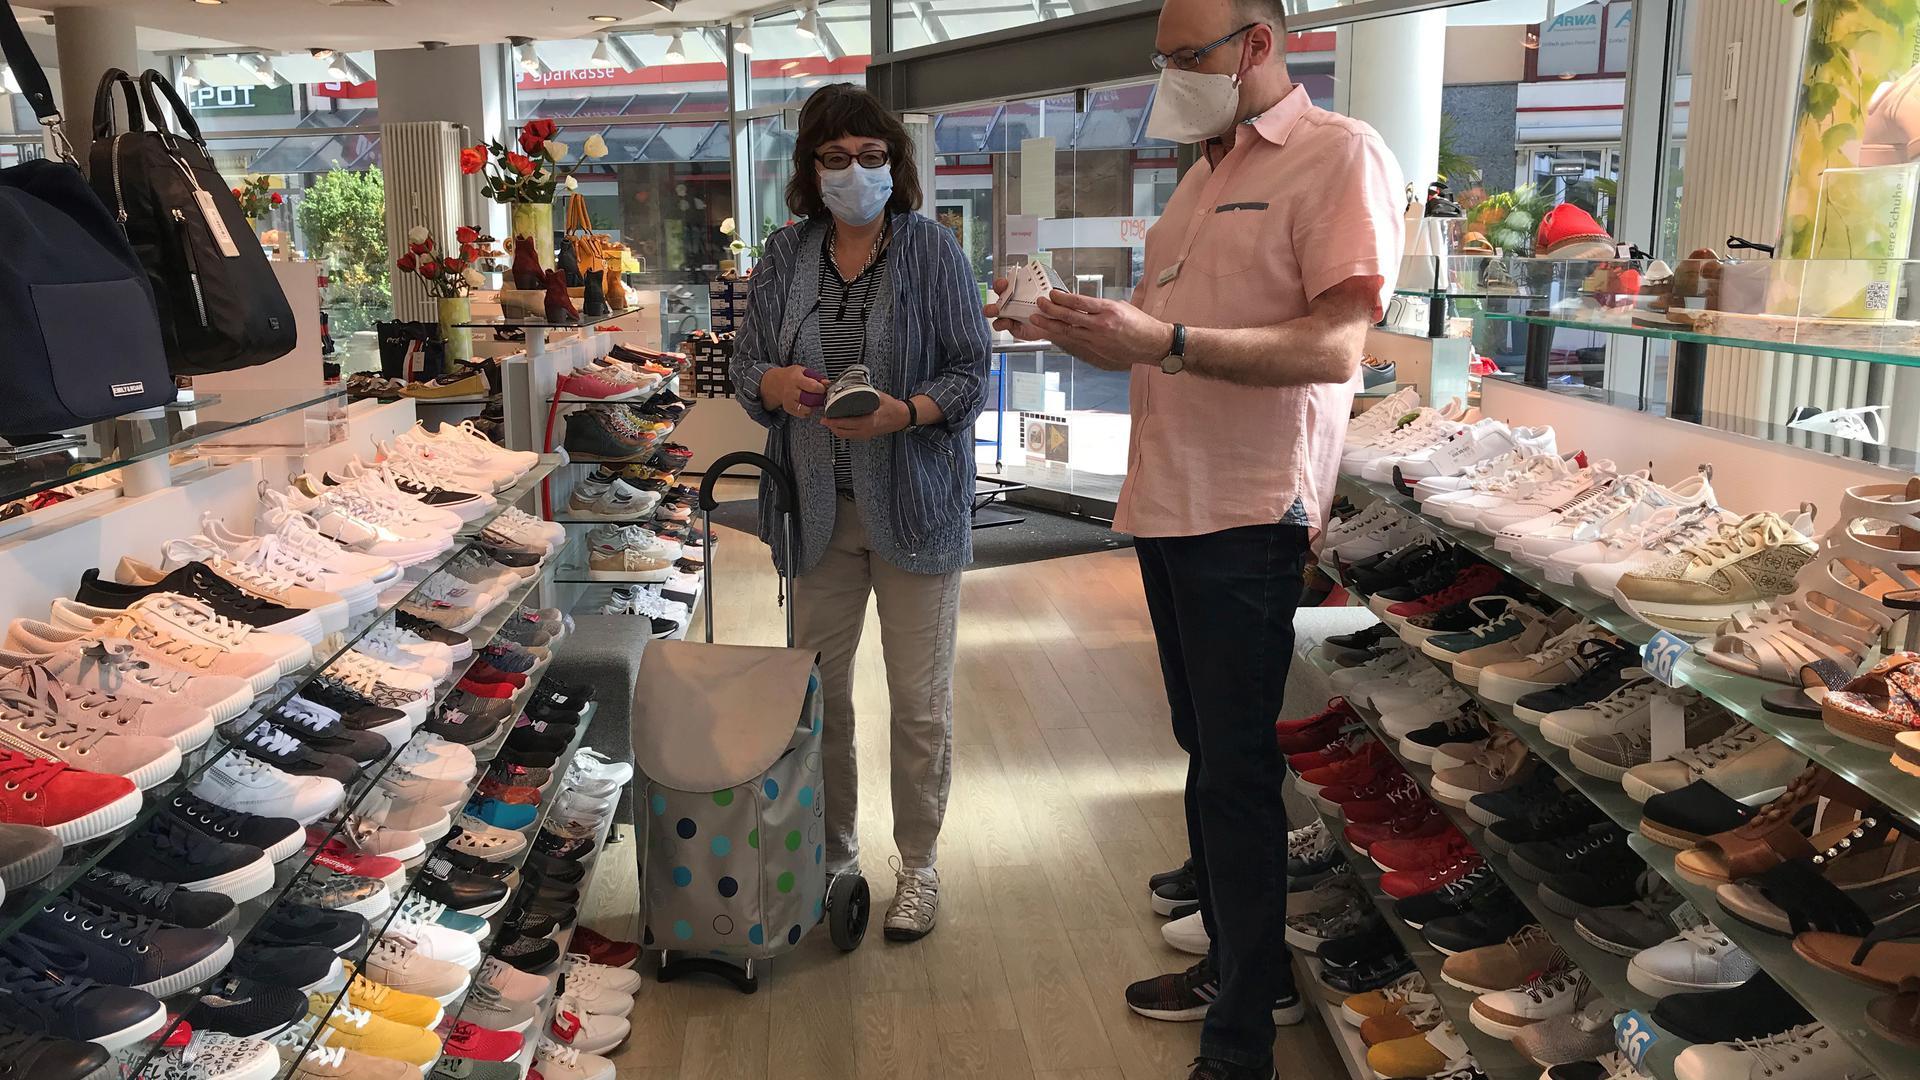 Im Schuhhaus Berg in Bruchsal kann ebenfalls wieder geshoppt werden. Maximal neun Kunden dürfen gleichzeitig im Laden sein. Beim beraten tragen die Angestellten einen Mundschutz.